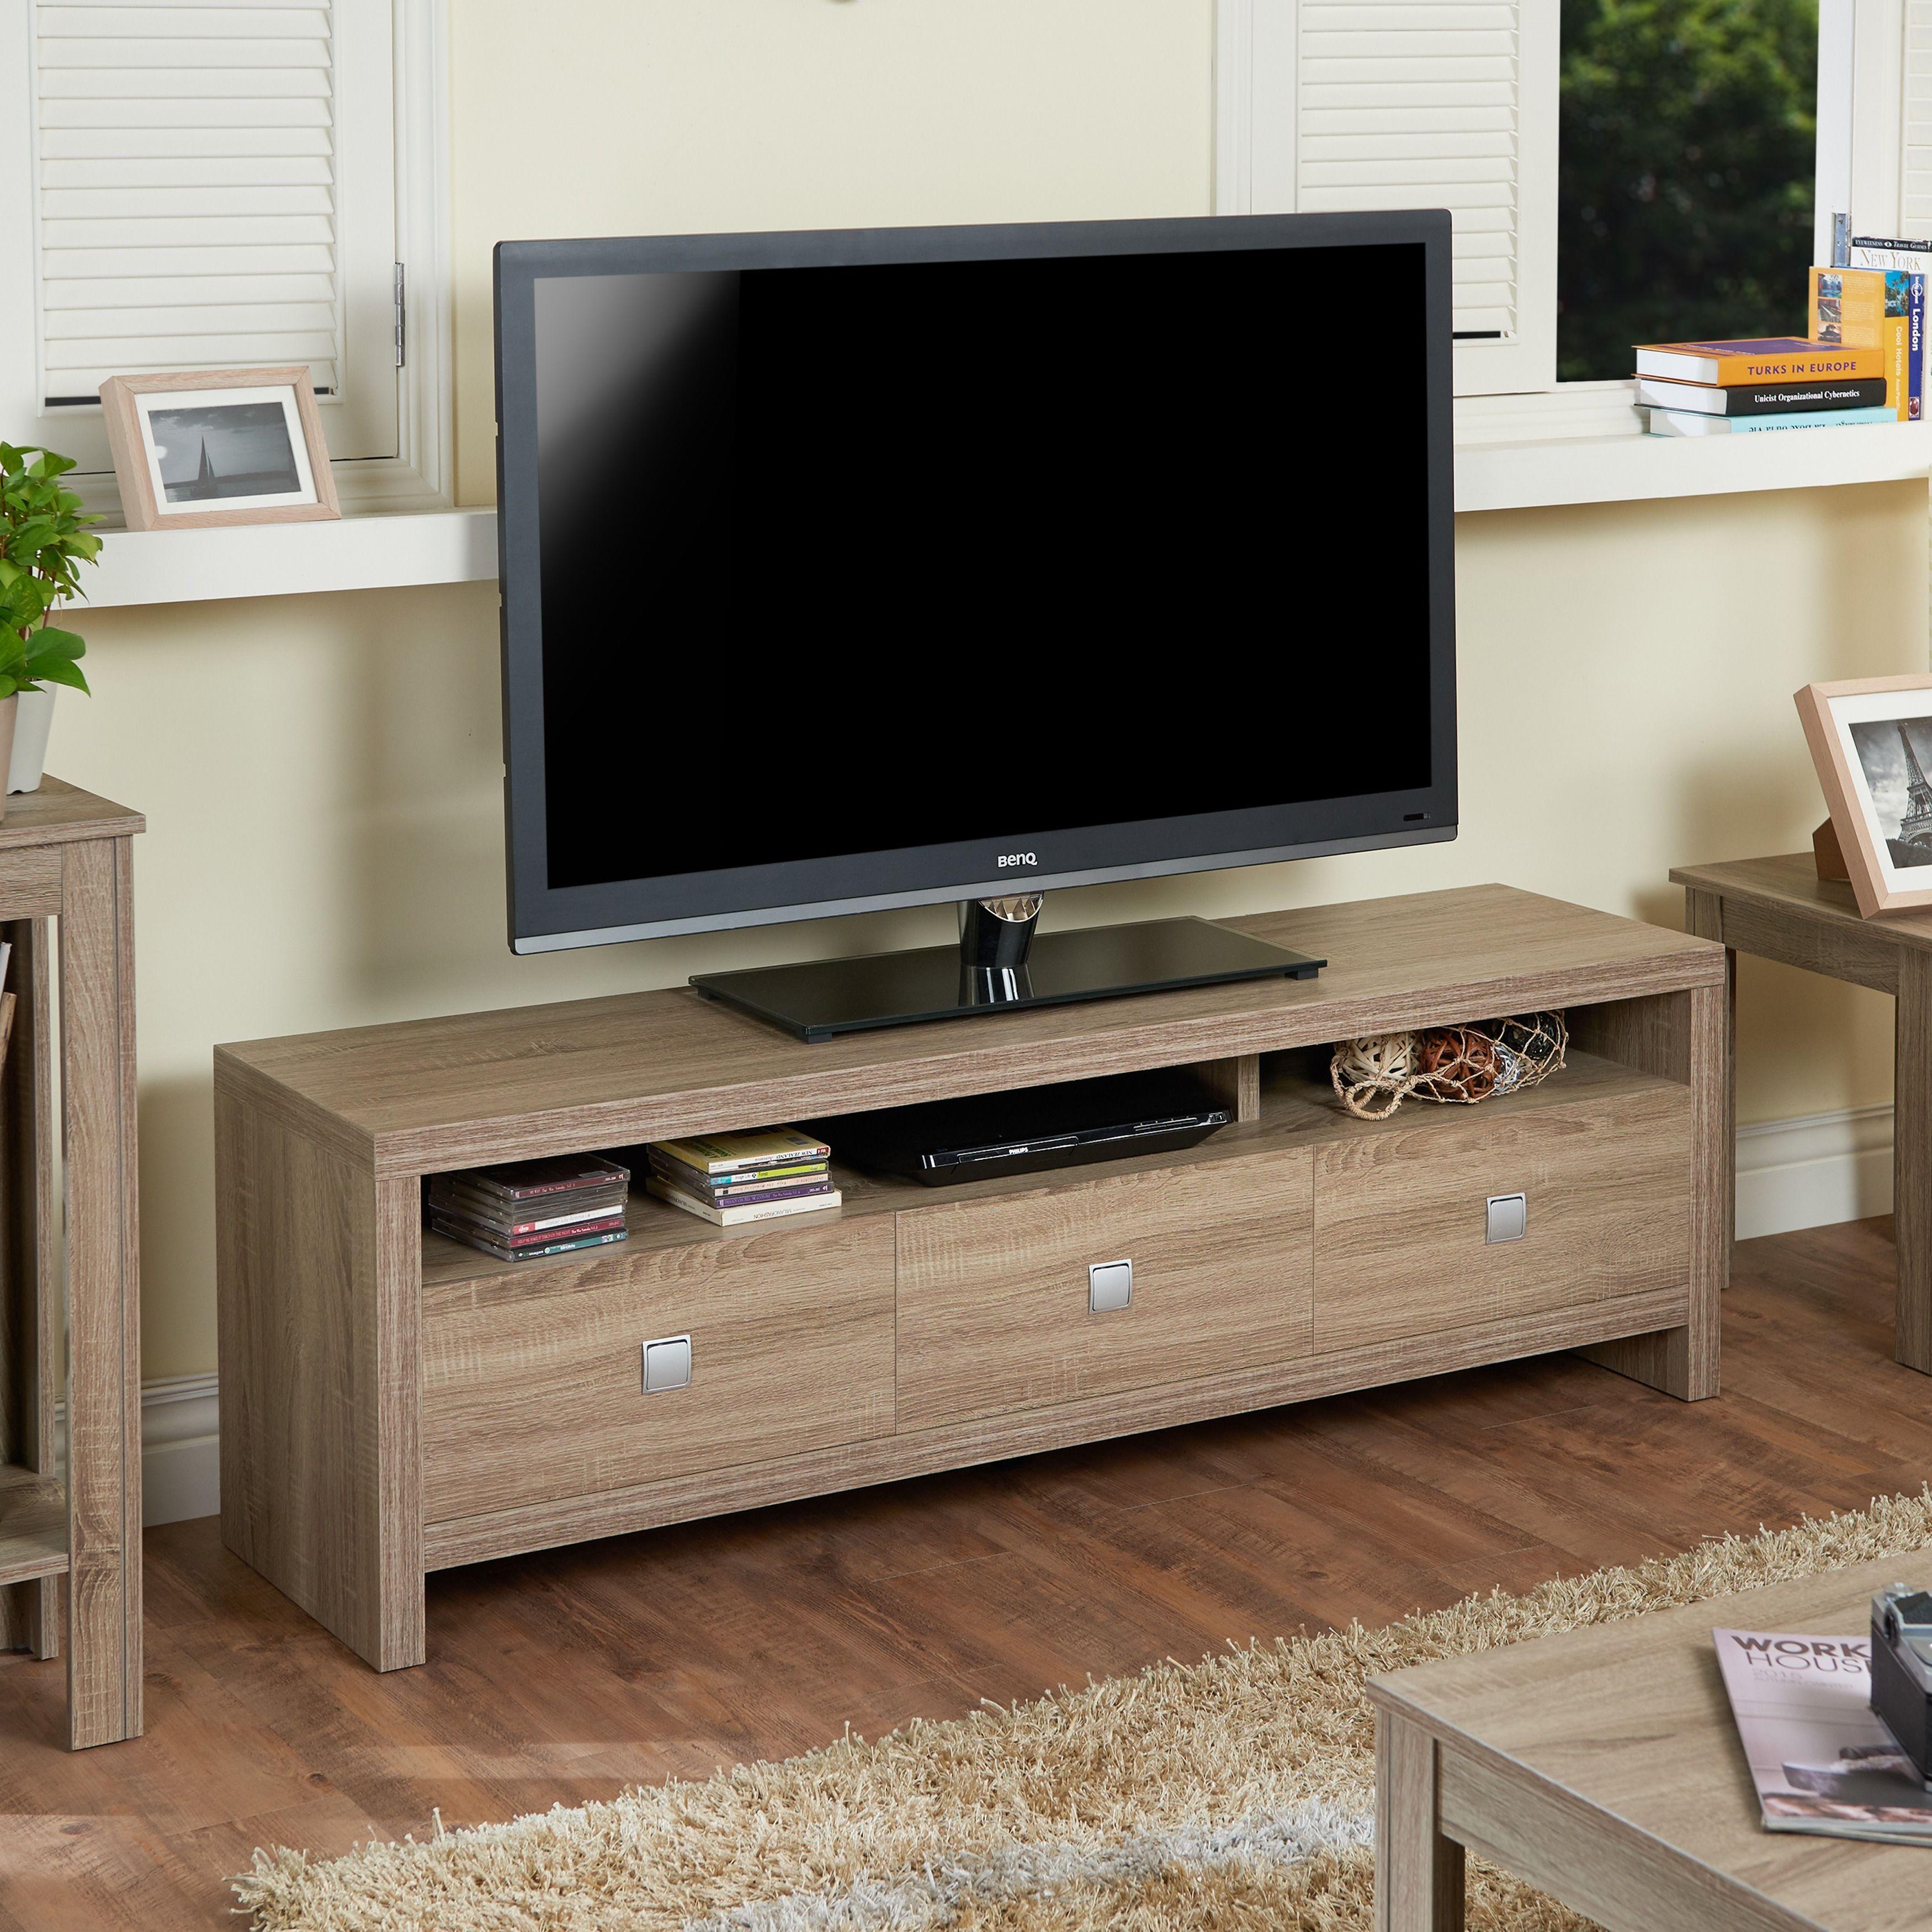 Furniture Of America Lisboa I Modern 60 Inch 3 Drawer Tv Stand